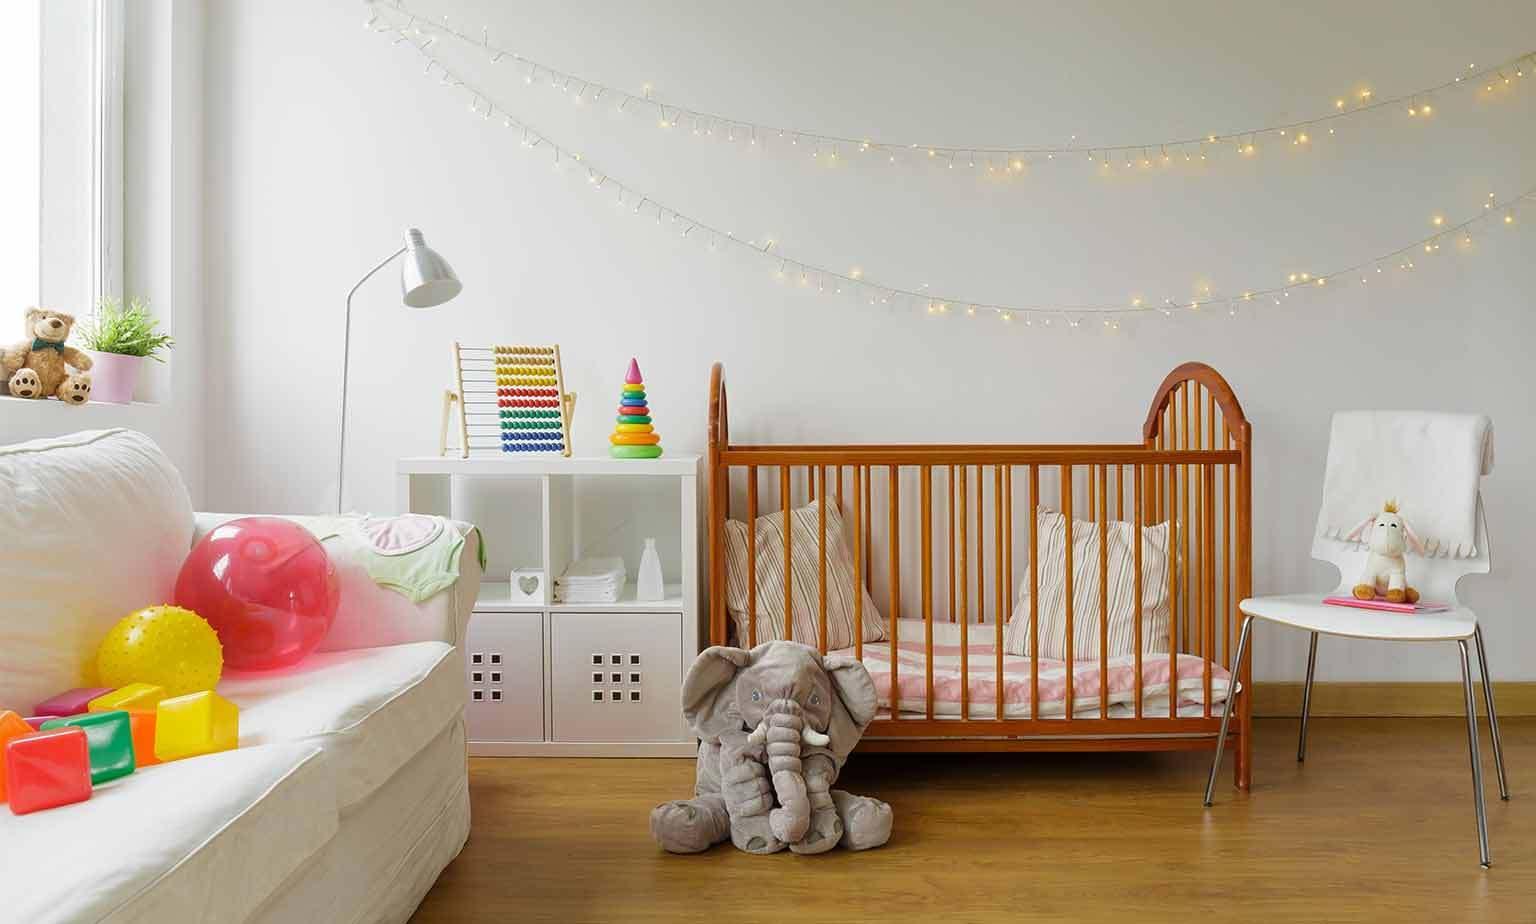 alle baby products in kinderwagen von top marken gebraucht. Black Bedroom Furniture Sets. Home Design Ideas